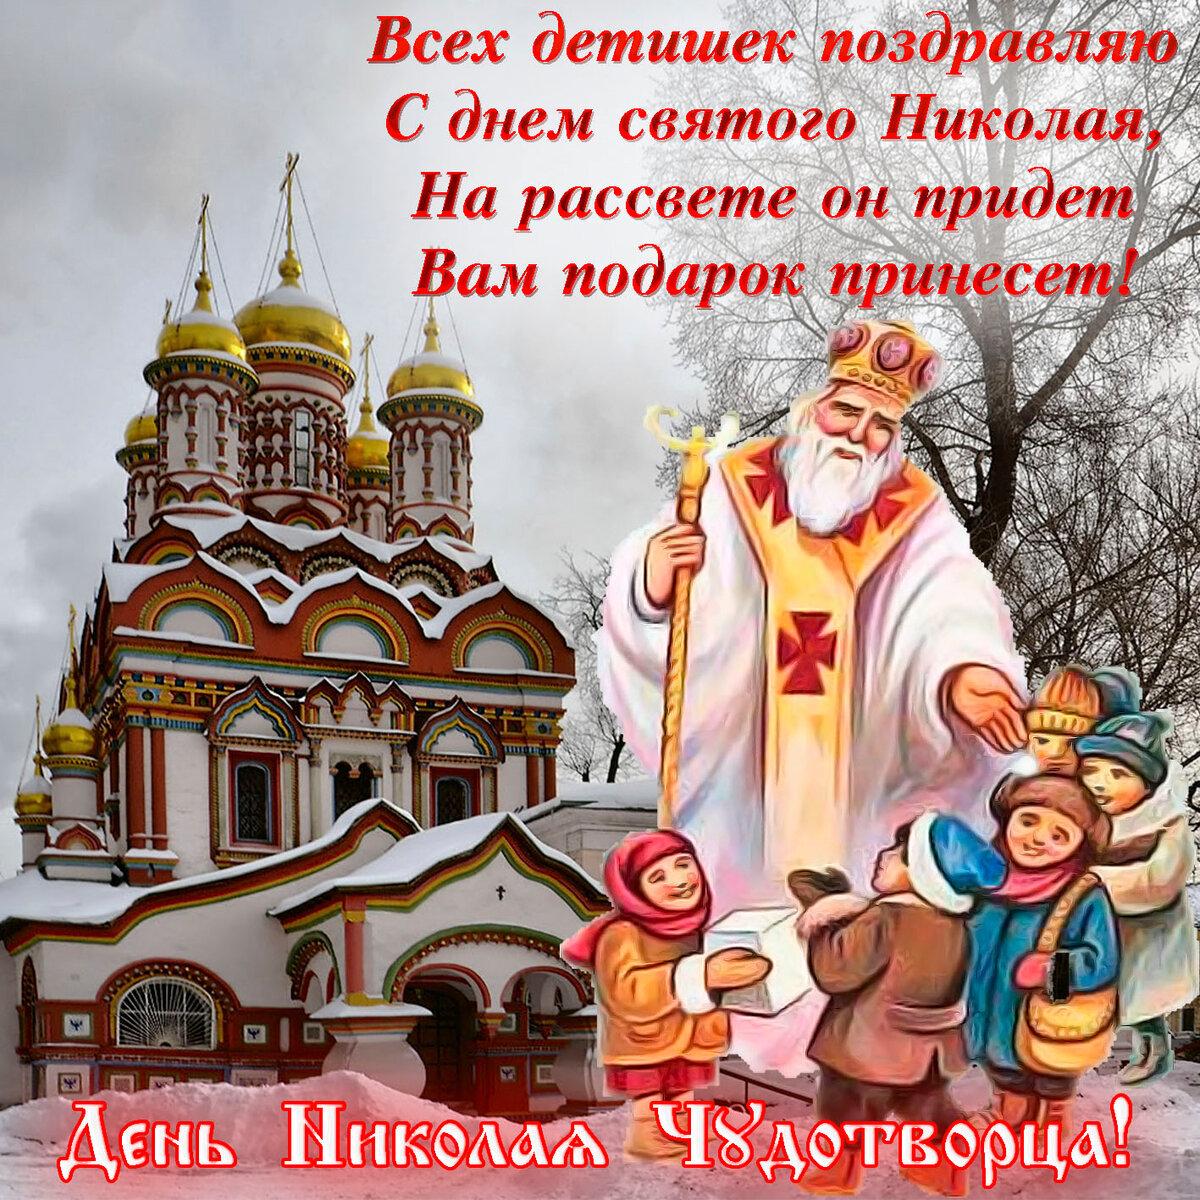 Поздравление в стихах к дню святого николая